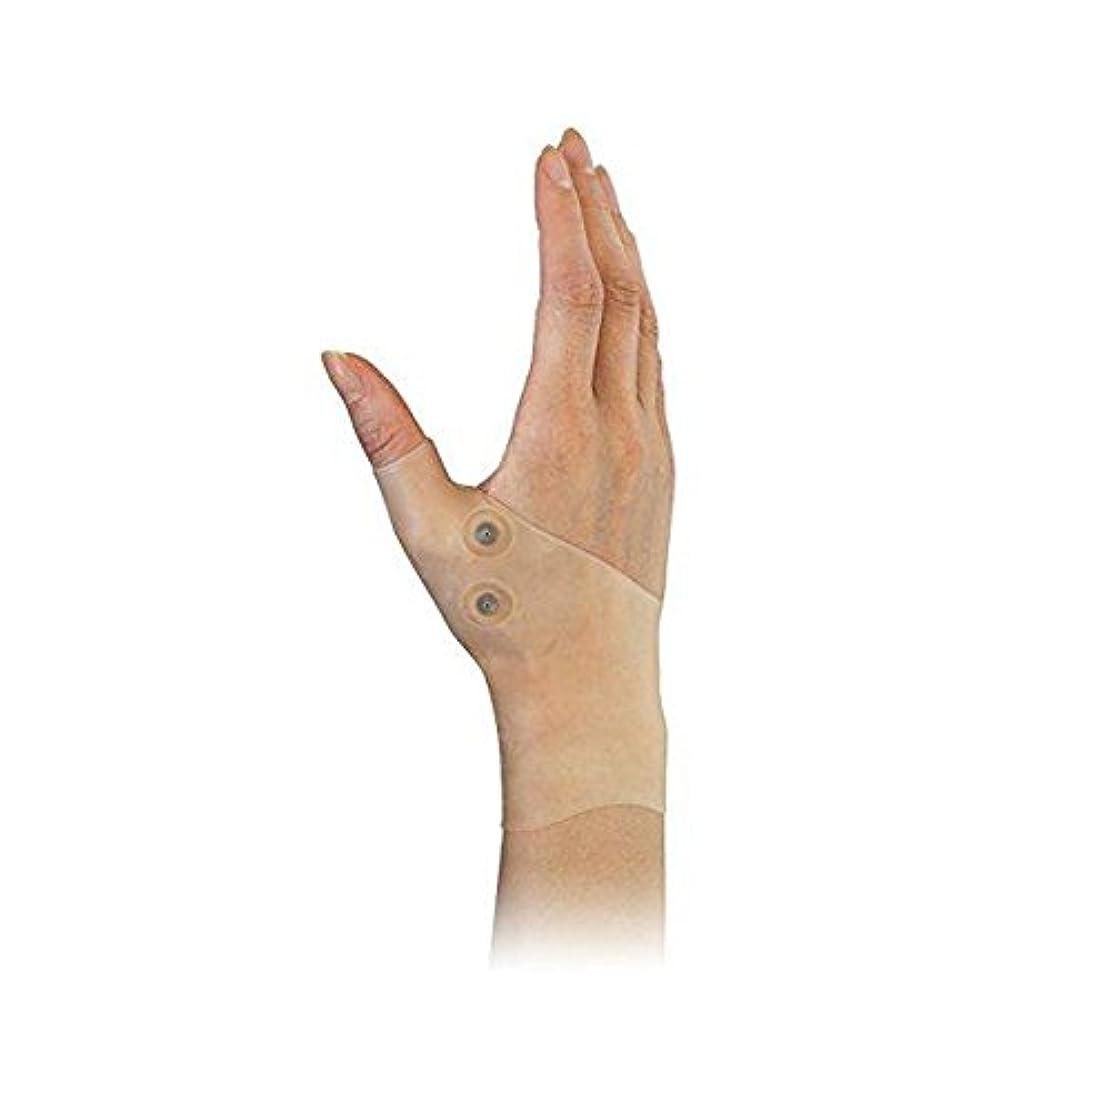 コードナビゲーション今までDOMO 親指サポーター 手首サポーター 肌の色合い 磁気療法 シリコーン素材 手首ブレース 保護 弾性 洗える 捻挫 腱鞘炎 タイピング 手首と親指の痛み リウマチ 関節炎用 男女兼用